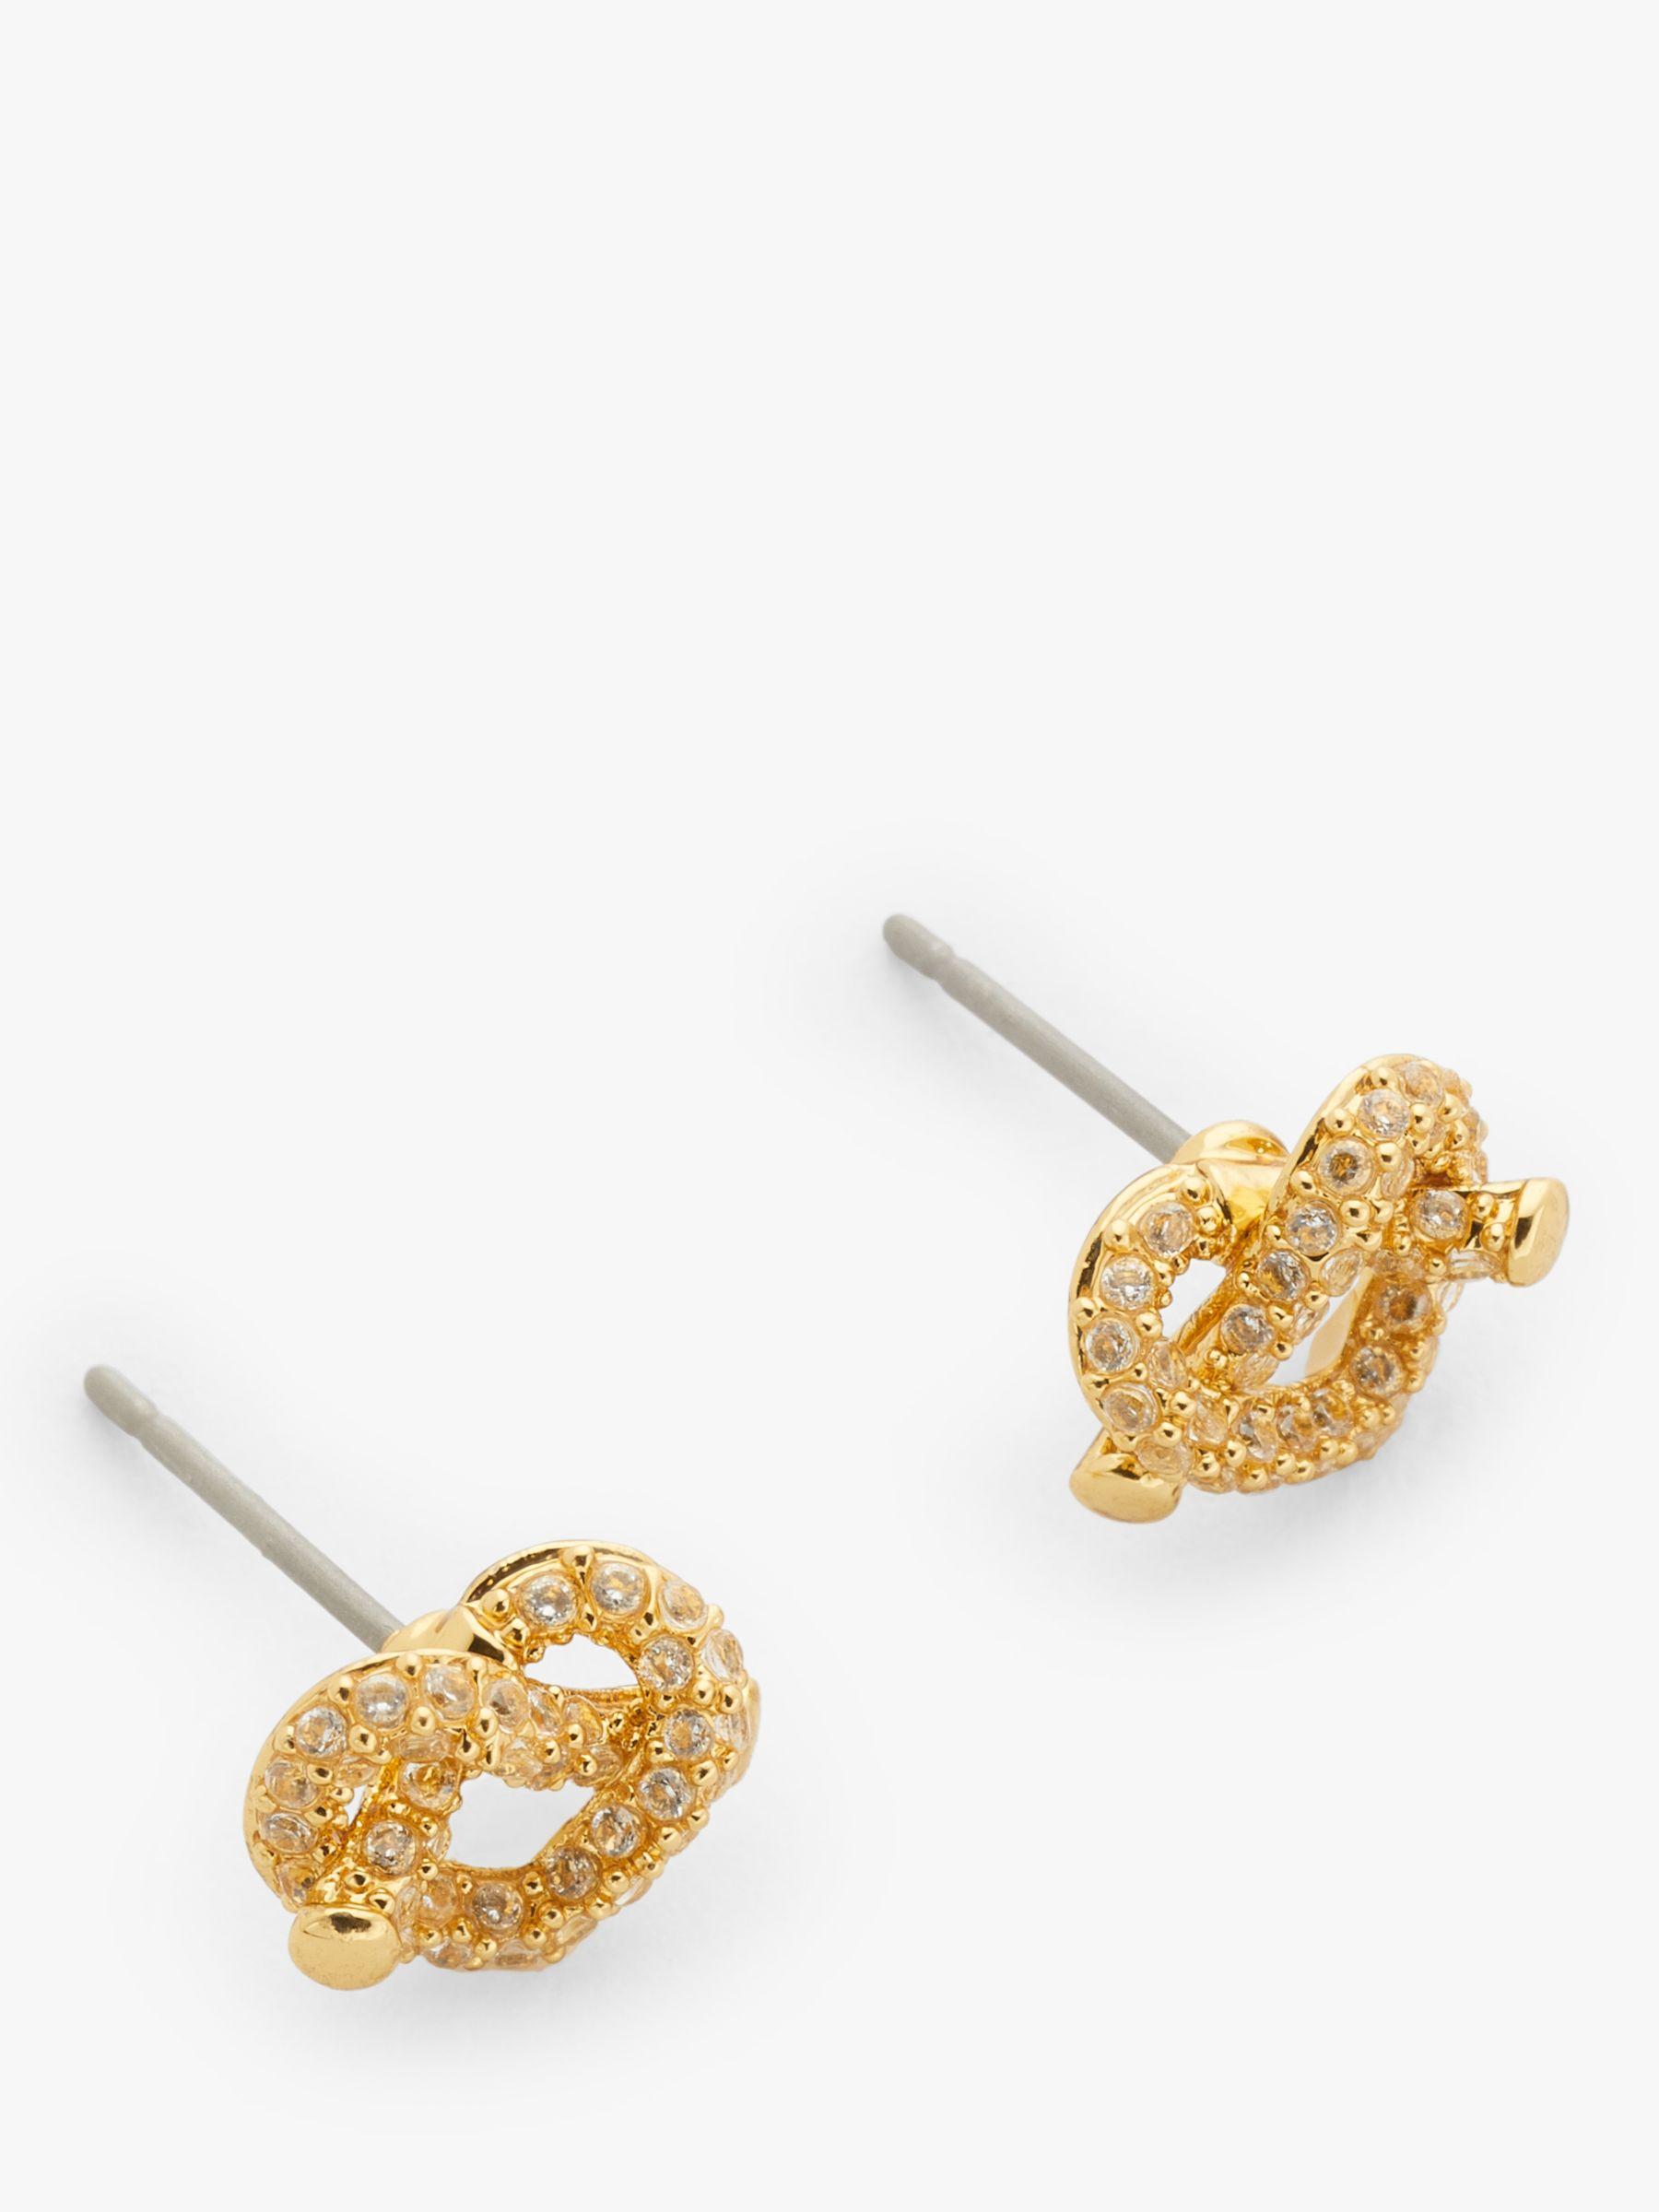 kate spade new york kate spade new york Loves Me Knot Stud Earrings, Gold